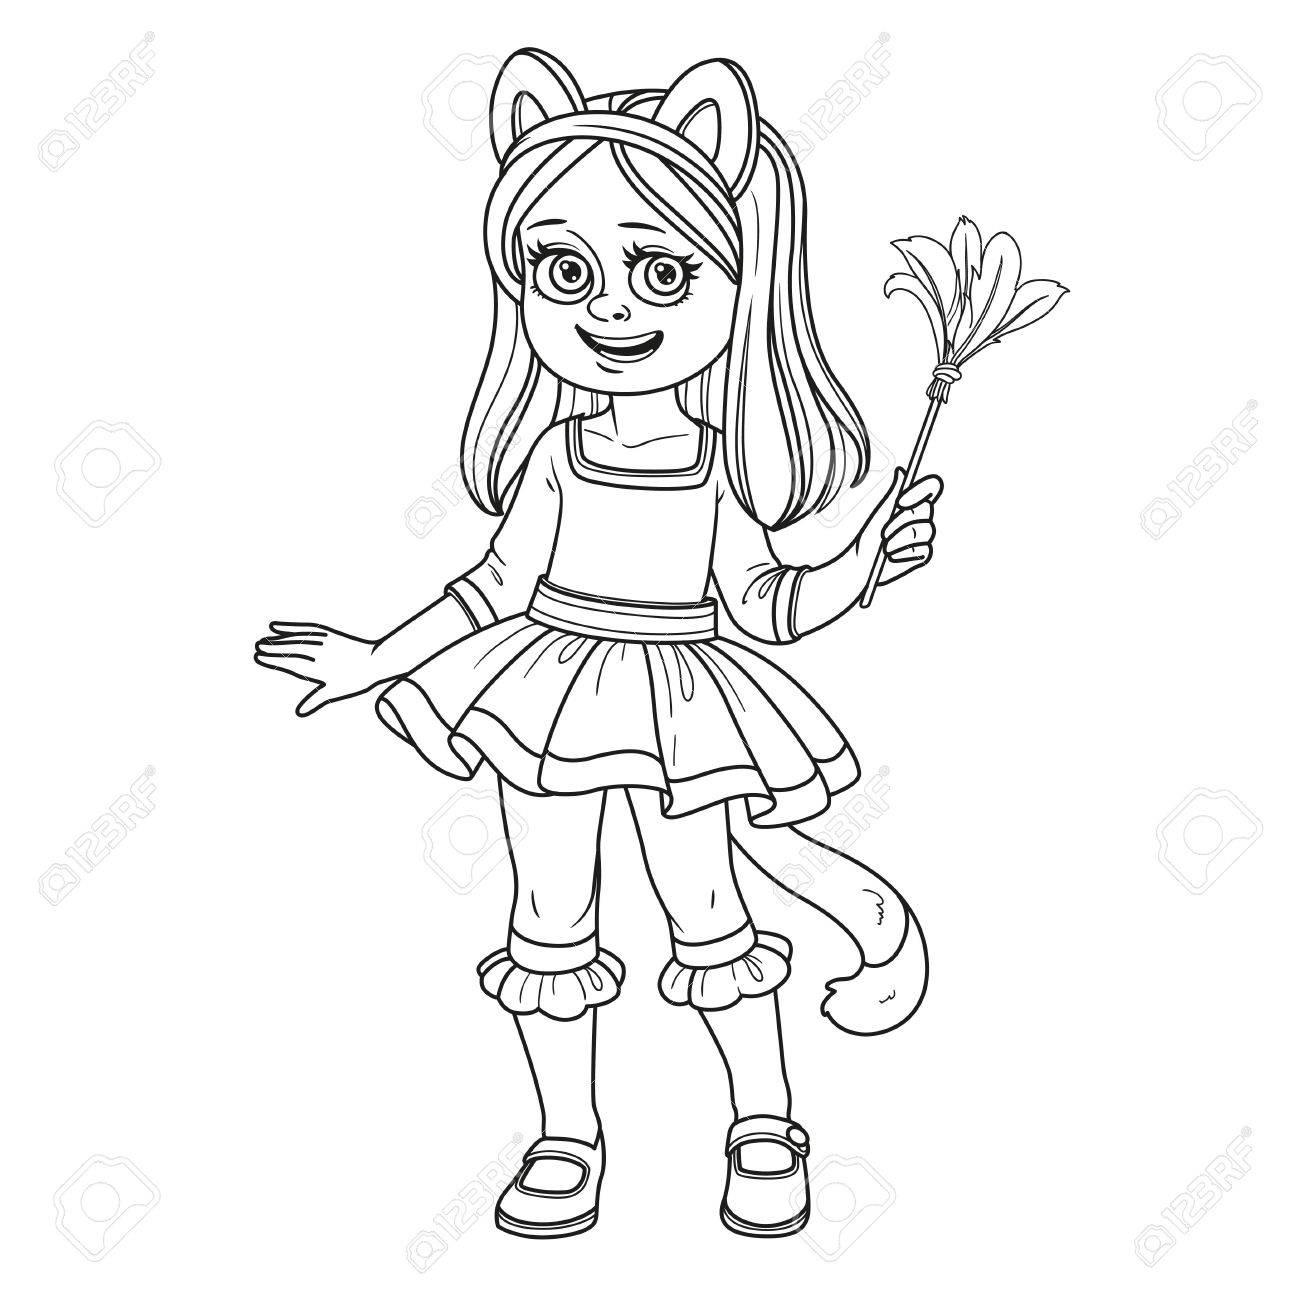 Nettes Mädchen In Katze Kostüm Skizziert Für Ausmalbilder Lizenzfrei ...